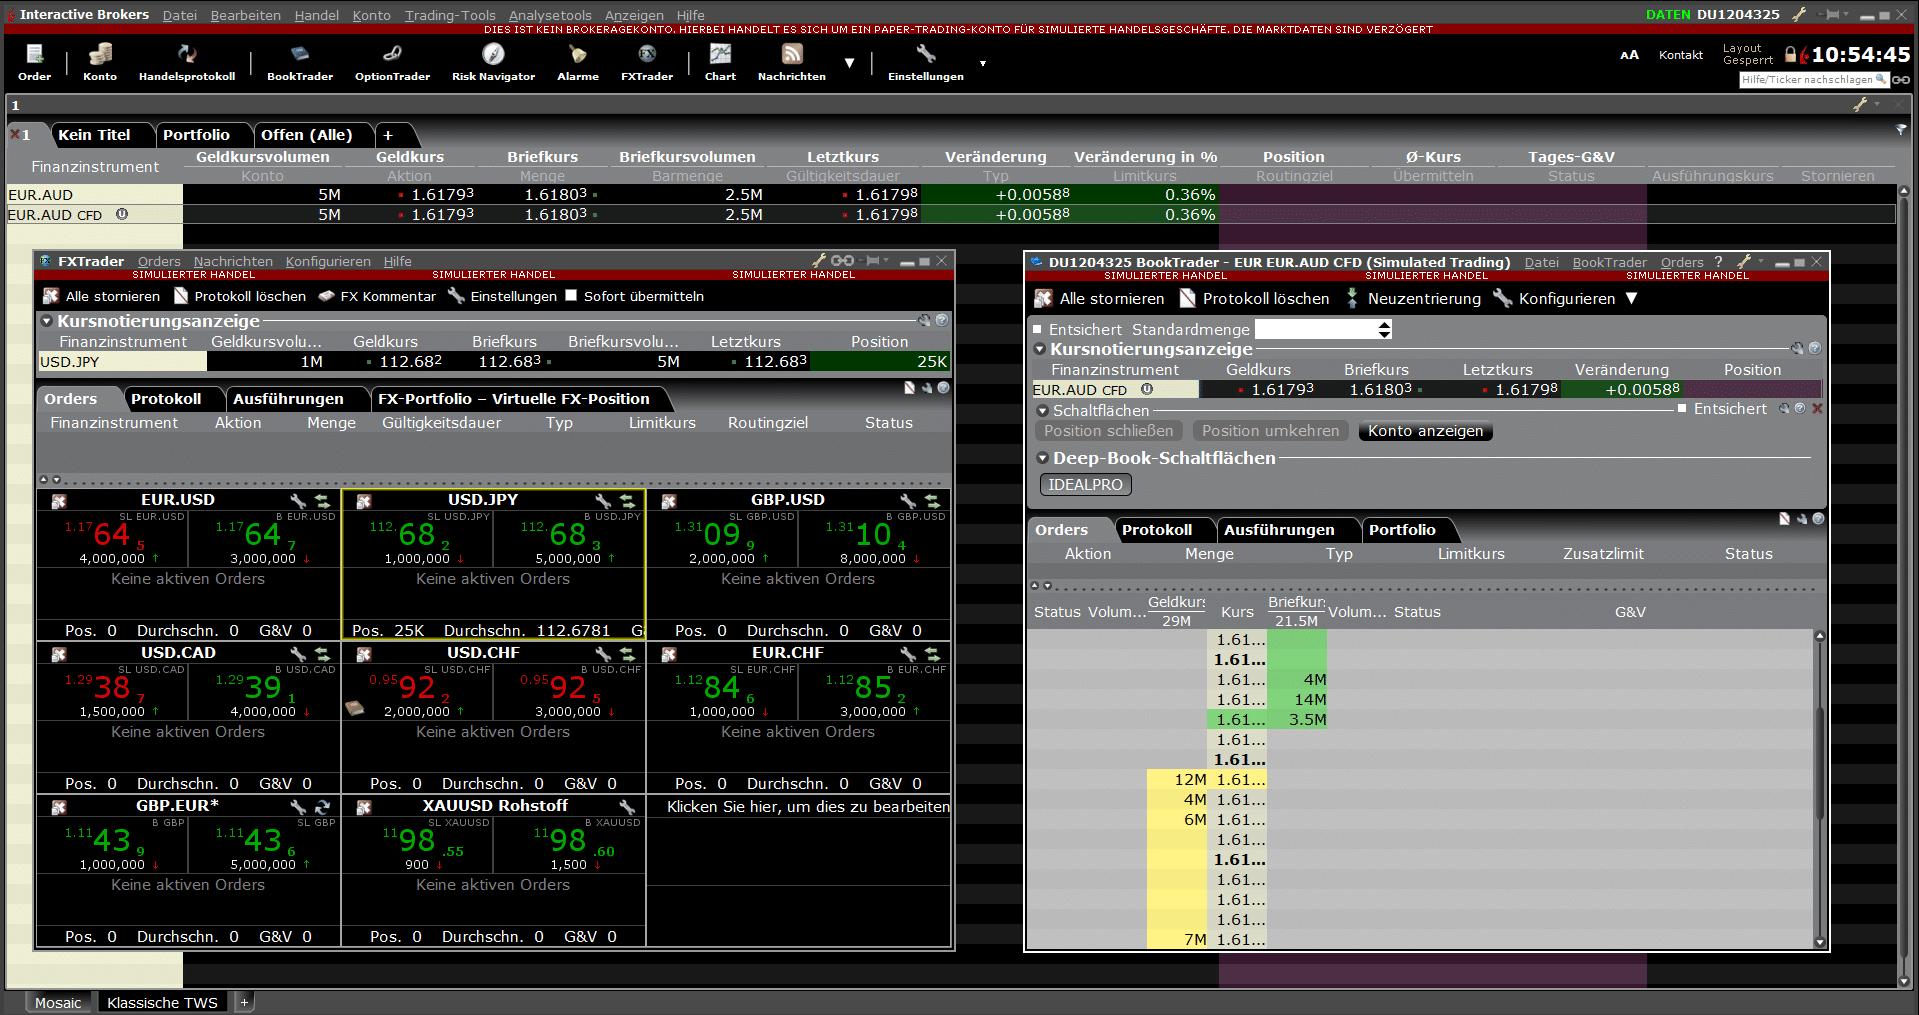 FX Trader und Book Trader in der Trading-Plattform von Interactive Brokers